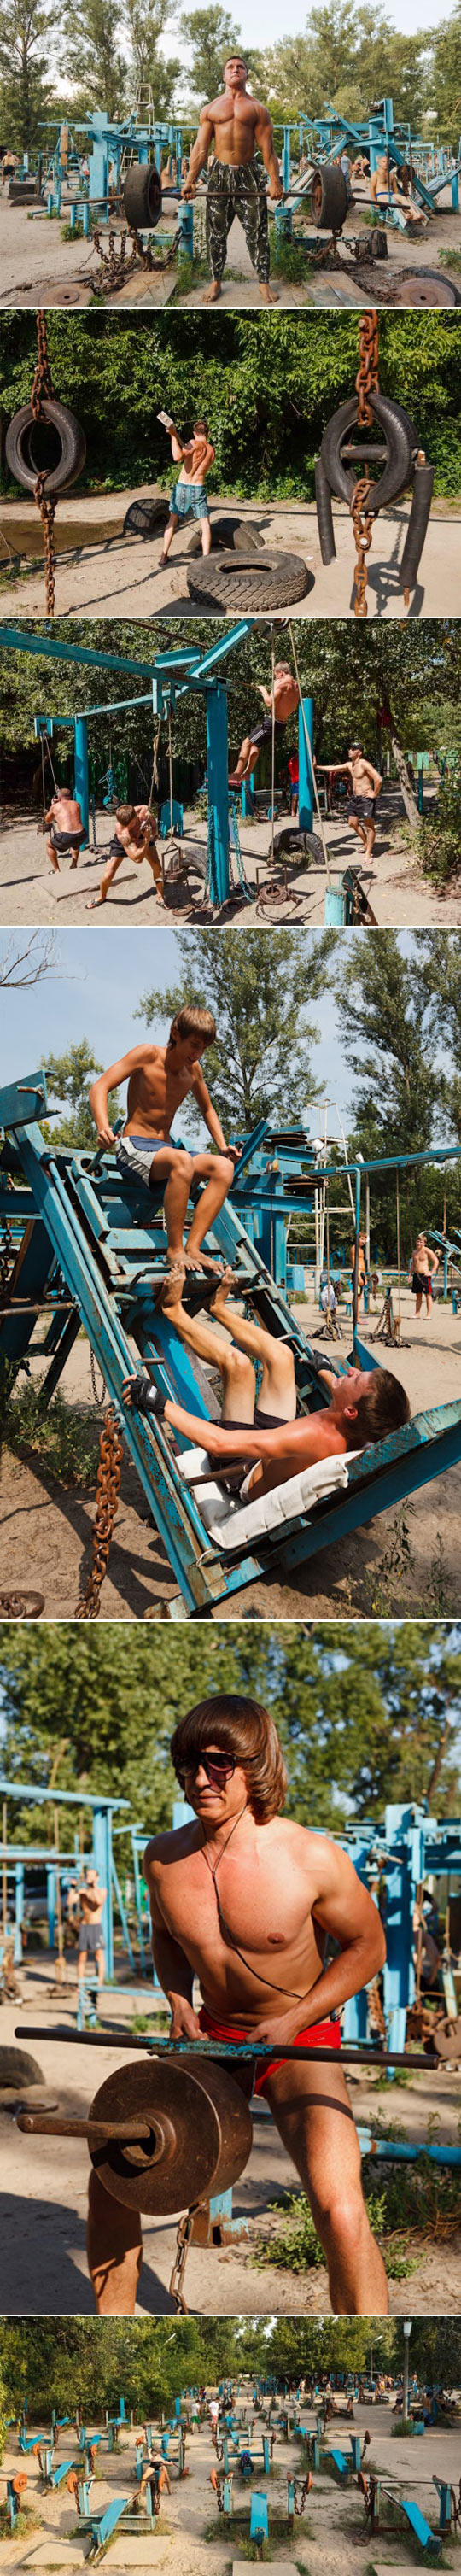 cool-scrap-metal-outdoor-gym-Ukraine-beach